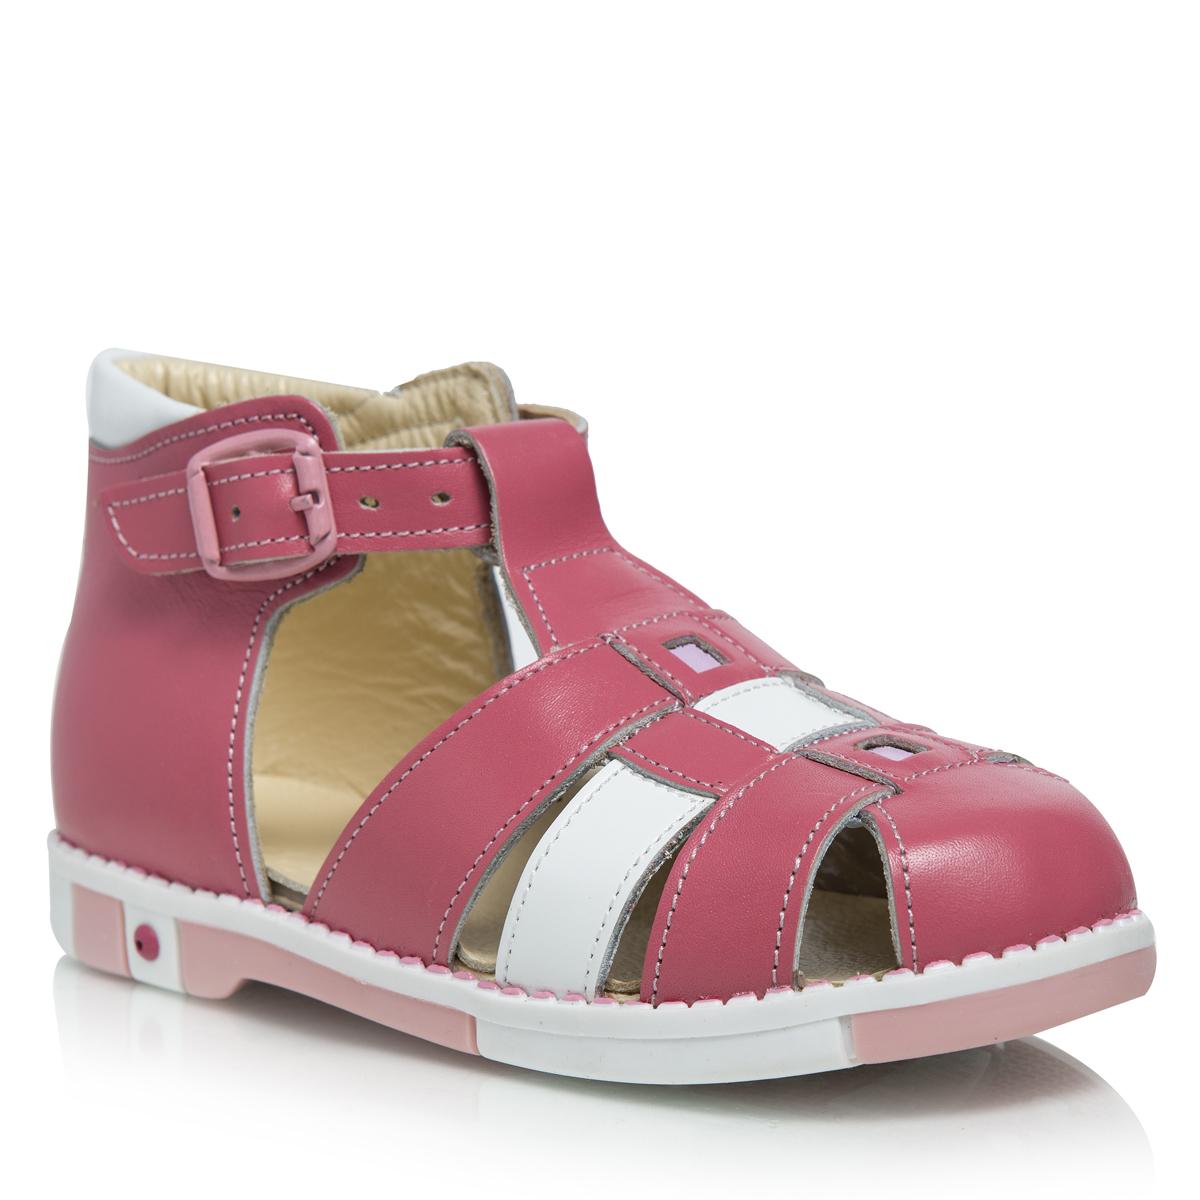 433-03Стильные детские сандалии Таши Орто заинтересуют вашу маленькую модницу с первого взгляда. Модель выполнена из натуральной кожи контрастных цветов. Ремешок на застежке-пряжке, которая не ослабевает в процессе носки, помогает оптимально подогнать полноту обуви по ноге и гарантирует надежную фиксацию. Литая анатомическая стелька из натуральной кожи со сводоподдерживающим элементом и латексным покрытием, не продавливающаяся во время носки, обеспечивает правильное формирование стопы. Благодаря использованию современных внутренних материалов позволяет оптимально распределить нагрузку по всей площади стопы, дает ножке ощущение мягкости и комфорта. Полужесткий задник фиксирует ножку ребенка, не давая ей смещаться из стороны в сторону и назад. Мягкая верхняя часть, которая плотно прилегает к ножке, и подкладка, изготовленная из натуральной кожи, позволяют избежать натирания. Широкий, устойчивый каблук, специальной конфигурации каблук Томаса, продлен с внутренней стороны до середины стопы,...